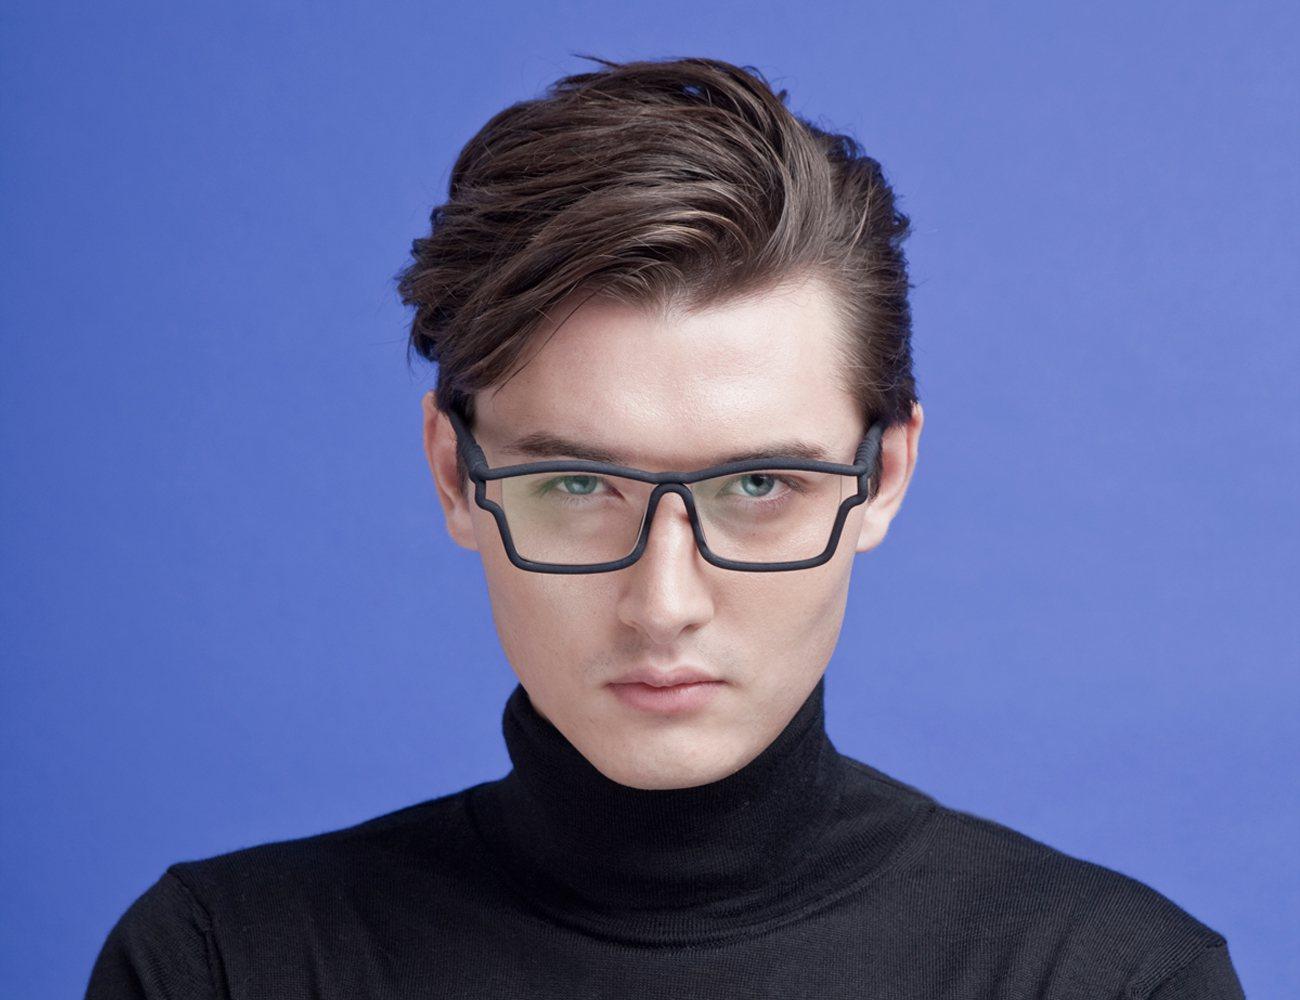 mono-eyewear-02